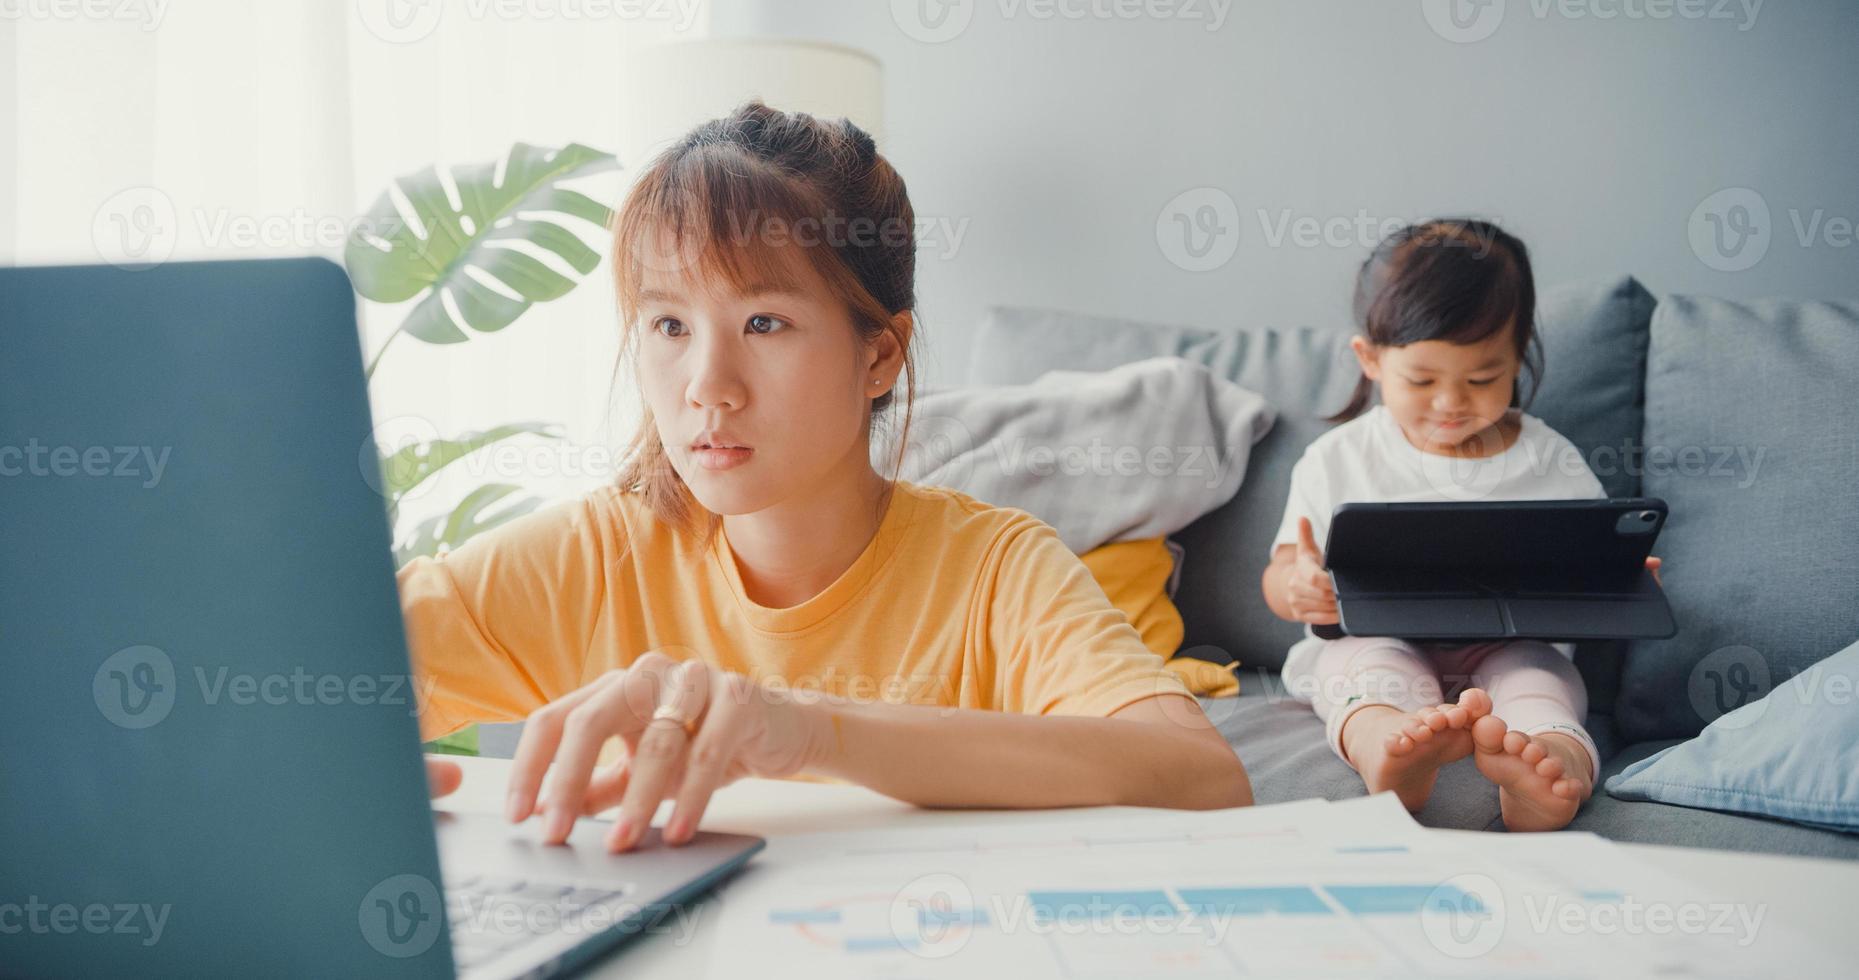 joyeuse et joyeuse mère de famille asiatique utilisant un ordinateur portable avec son enfant tenir un dessin animé d'intérêt pour la tablette sur un canapé tout en travaillant de la maison au salon. distanciation sociale, quarantaine pour la prévention des coronavirus. photo